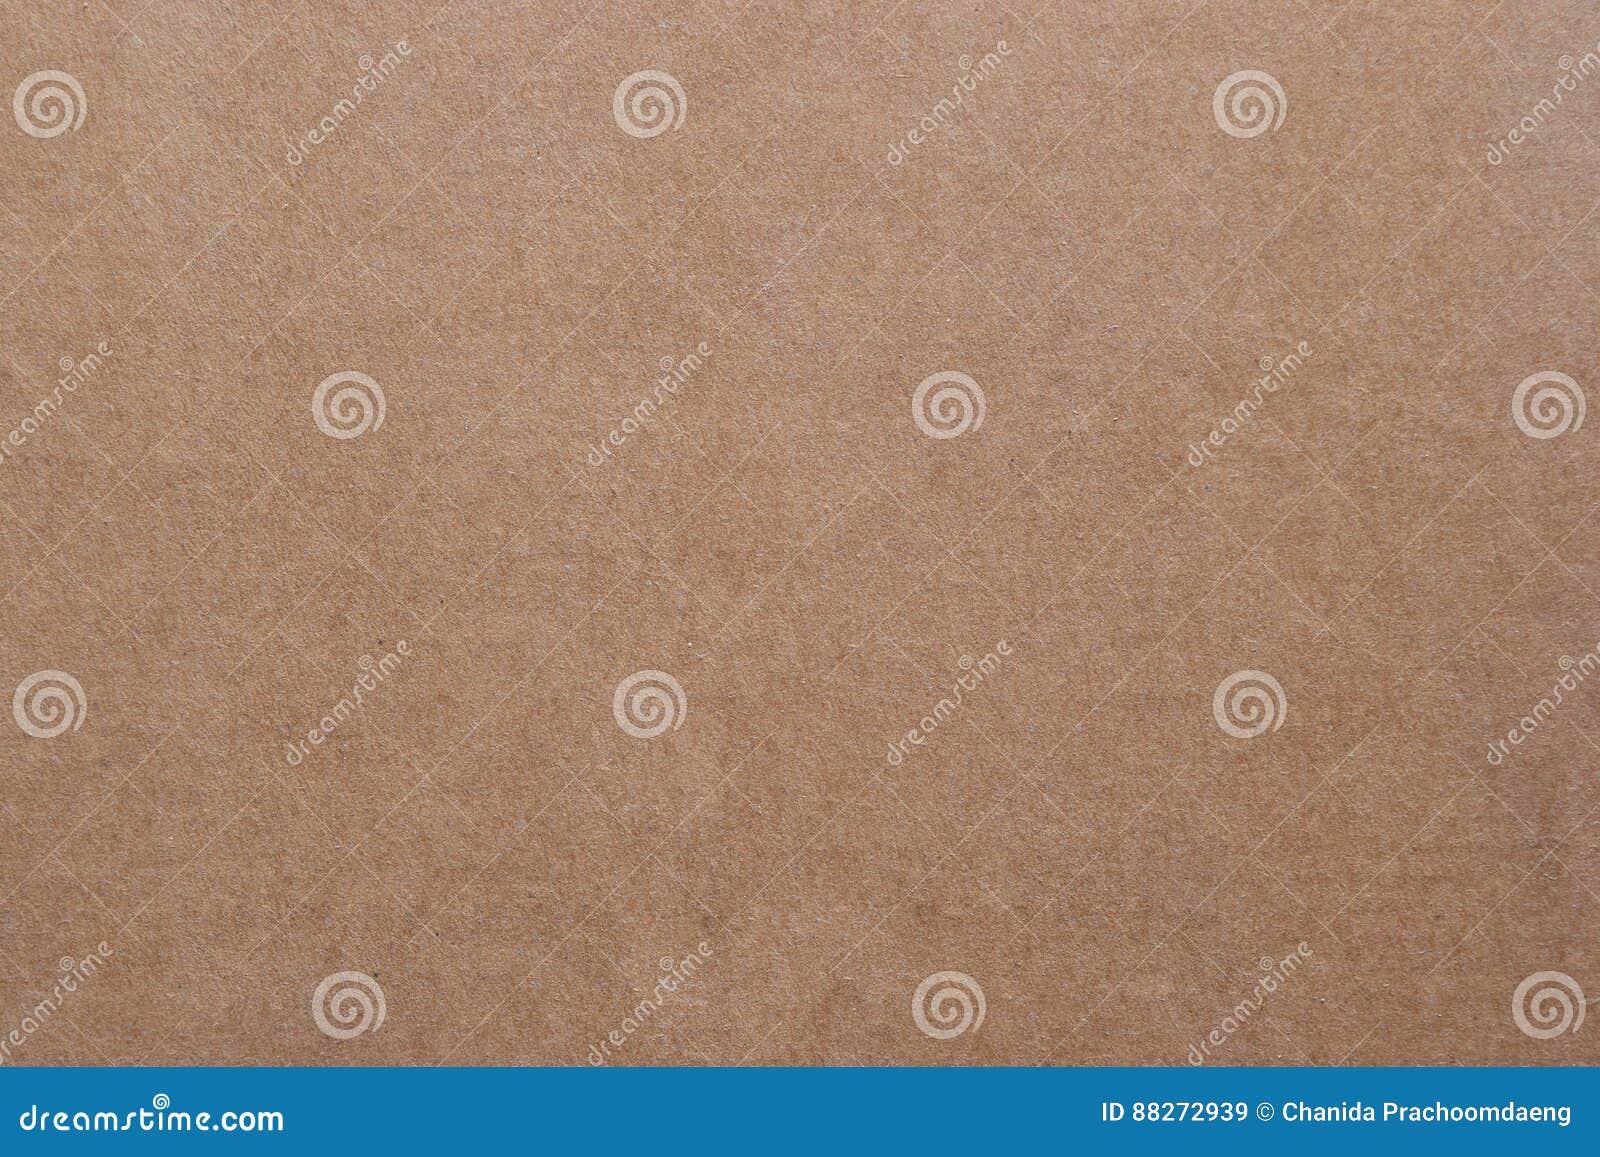 Bezszwowa brown papieru tekstura i kartonu tło